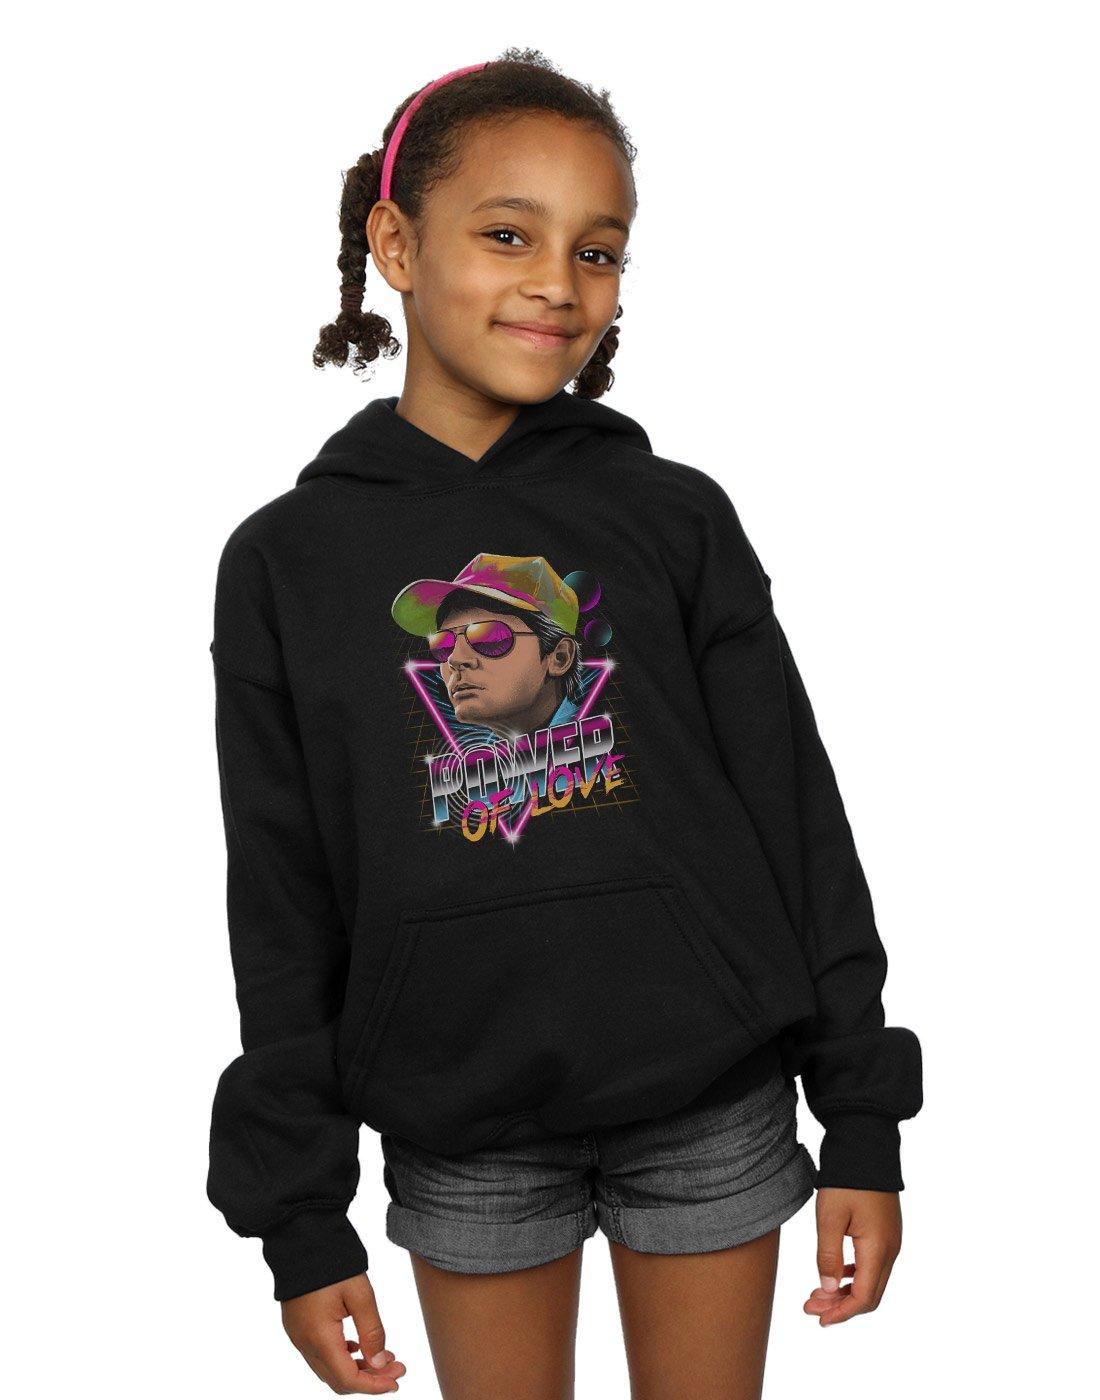 Vincent Trinidad Girls Power Of Love Hoodie Black 12-13 years